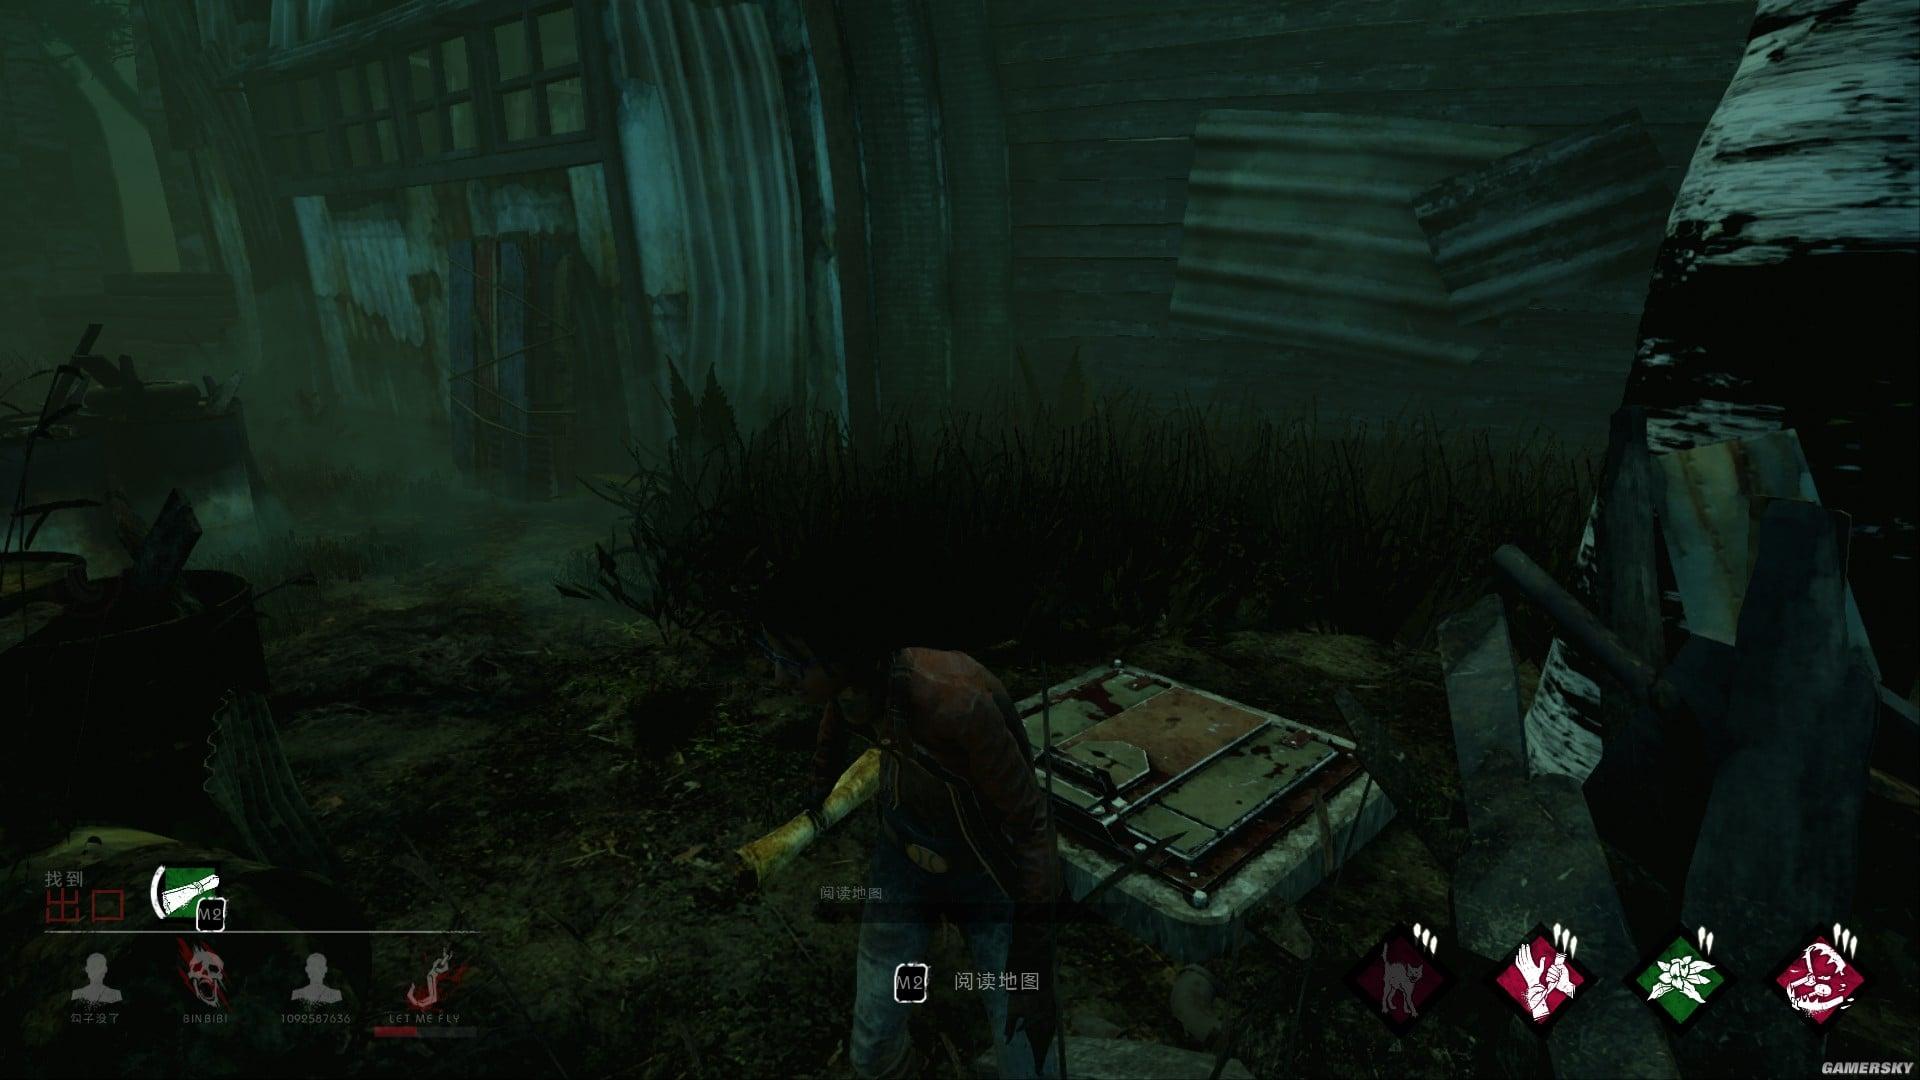 黎明死線 Dead by Daylight 地窖開啟條件詳解 地窖什麼時候會出現